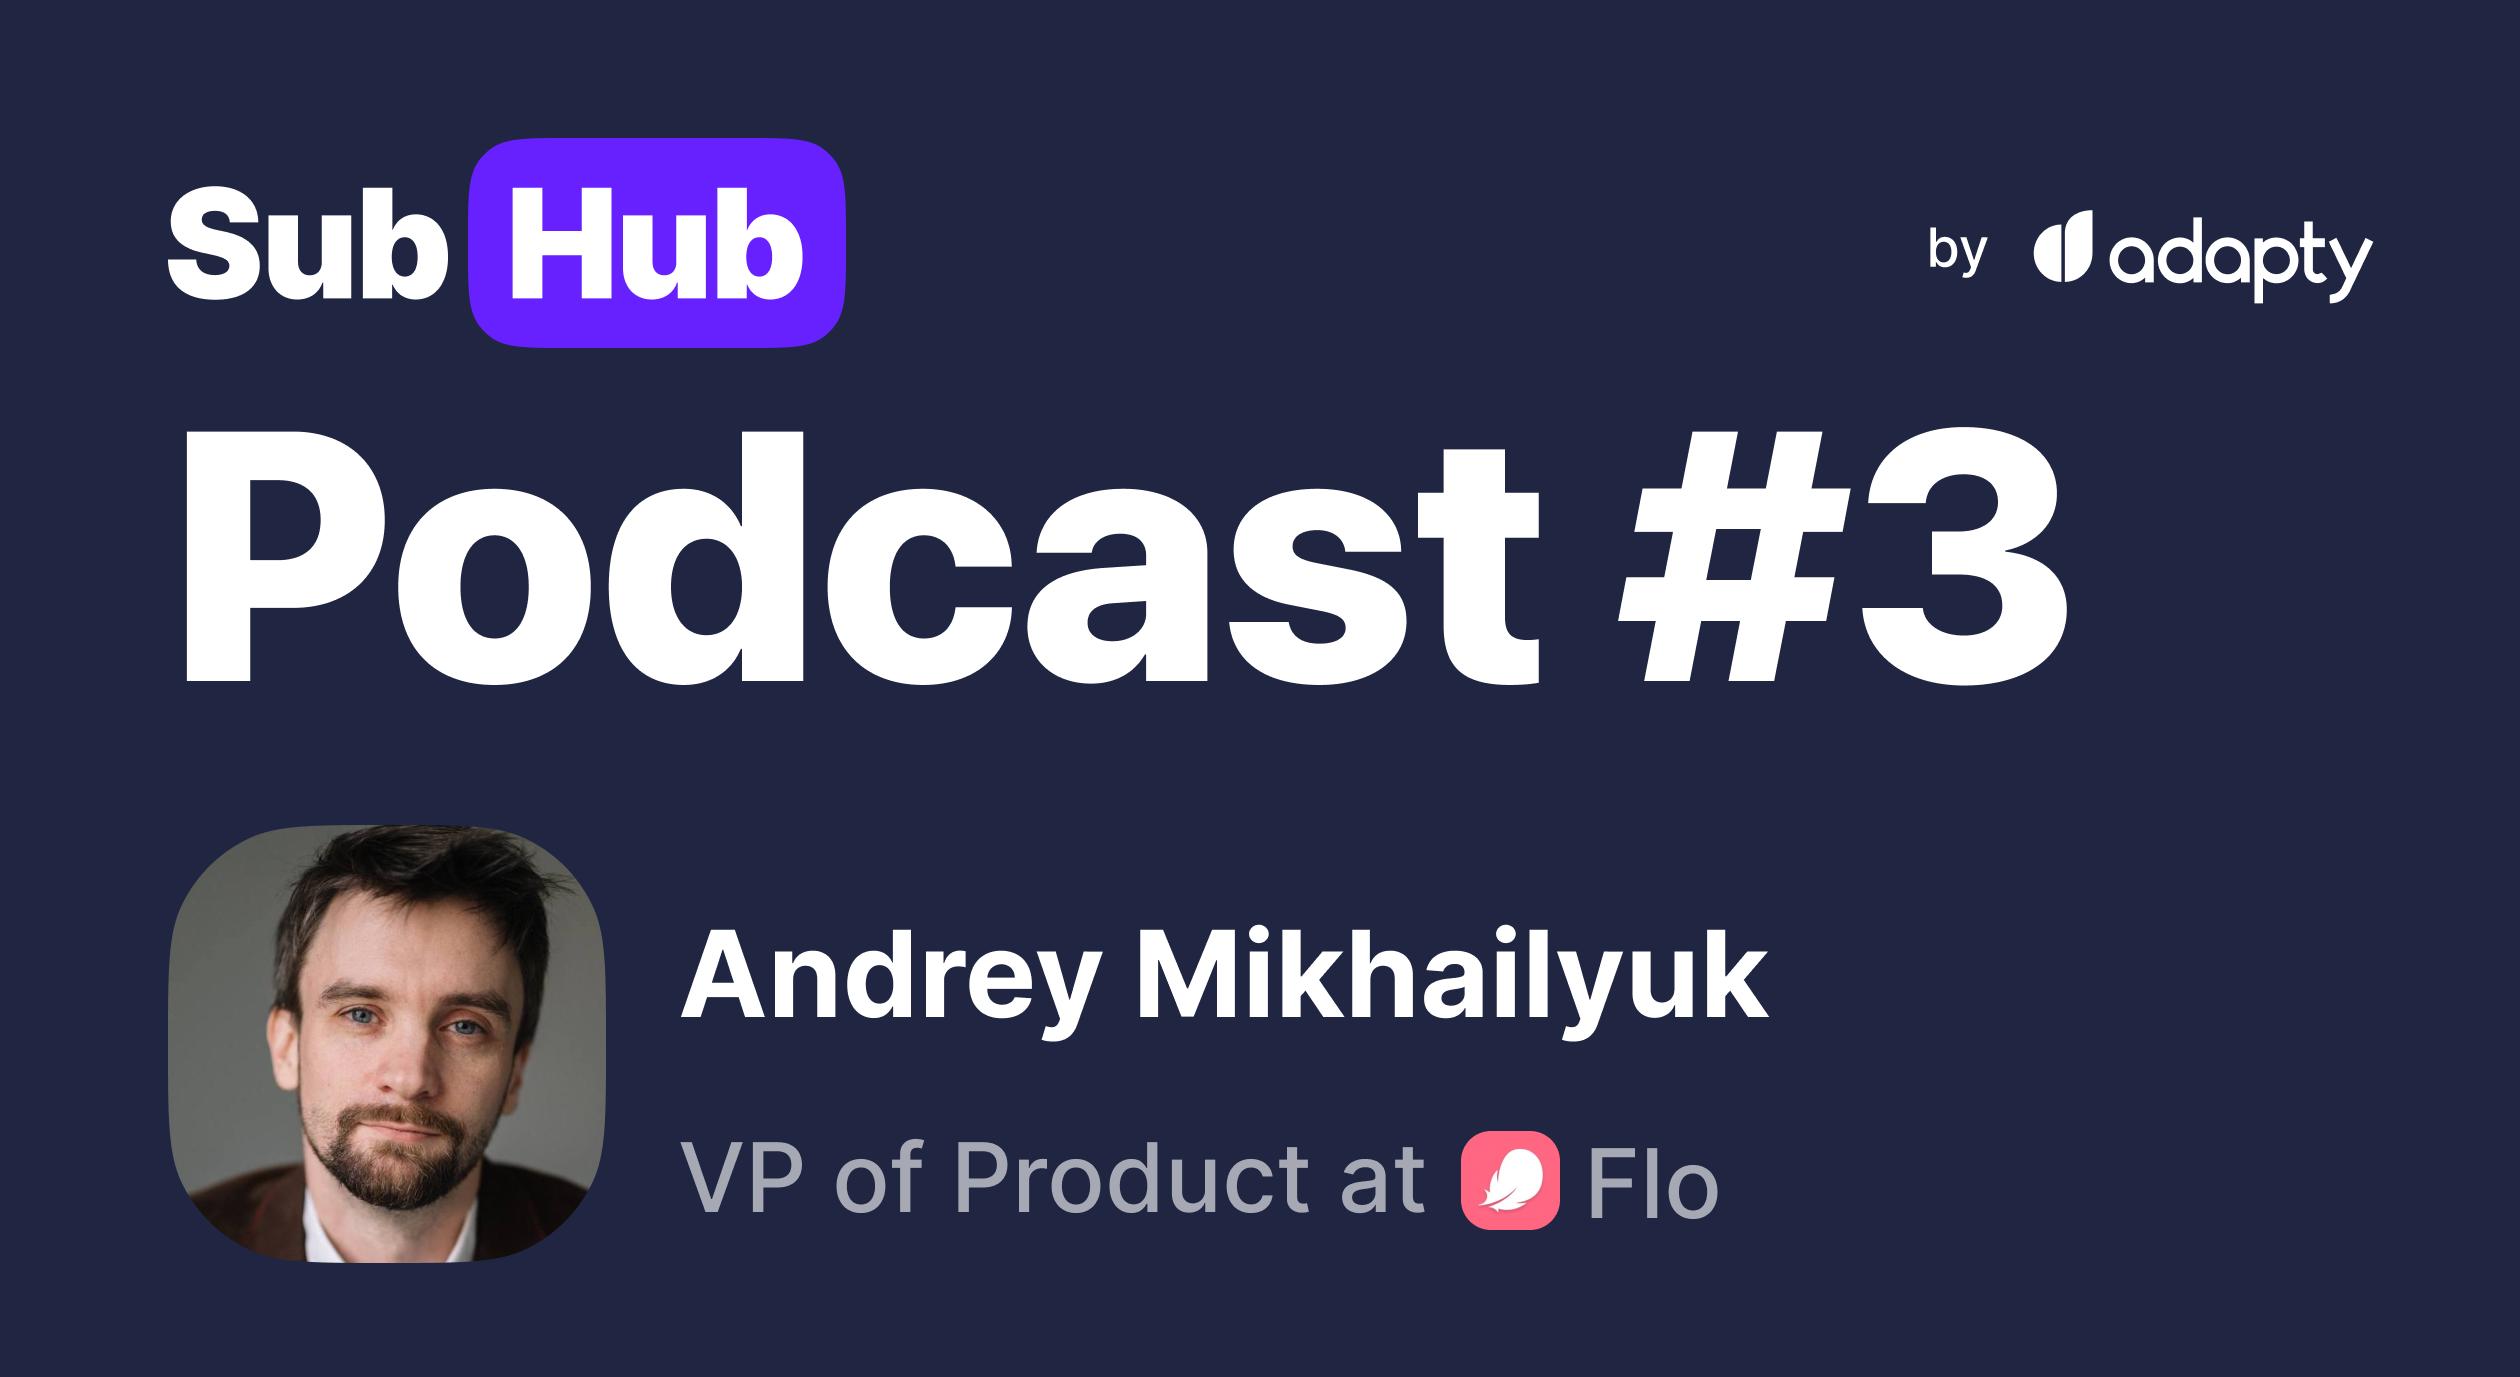 #3 SubHub Podcast: Andrey Mikhailyuk from Flo